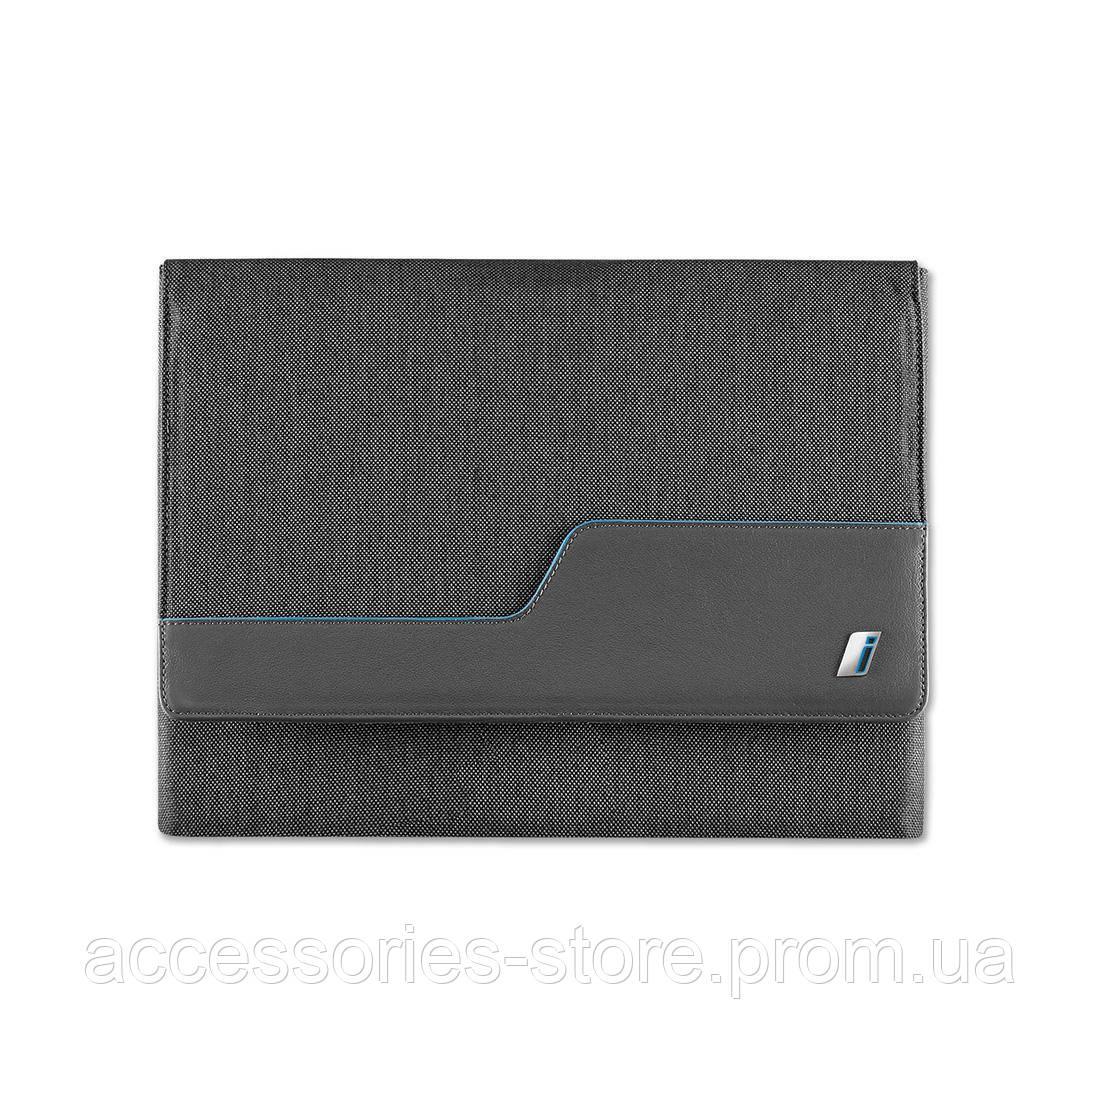 Многофункциональная сумка для ноутбука BMW i Laptop Bag, Multifunctional, Carbon Grey